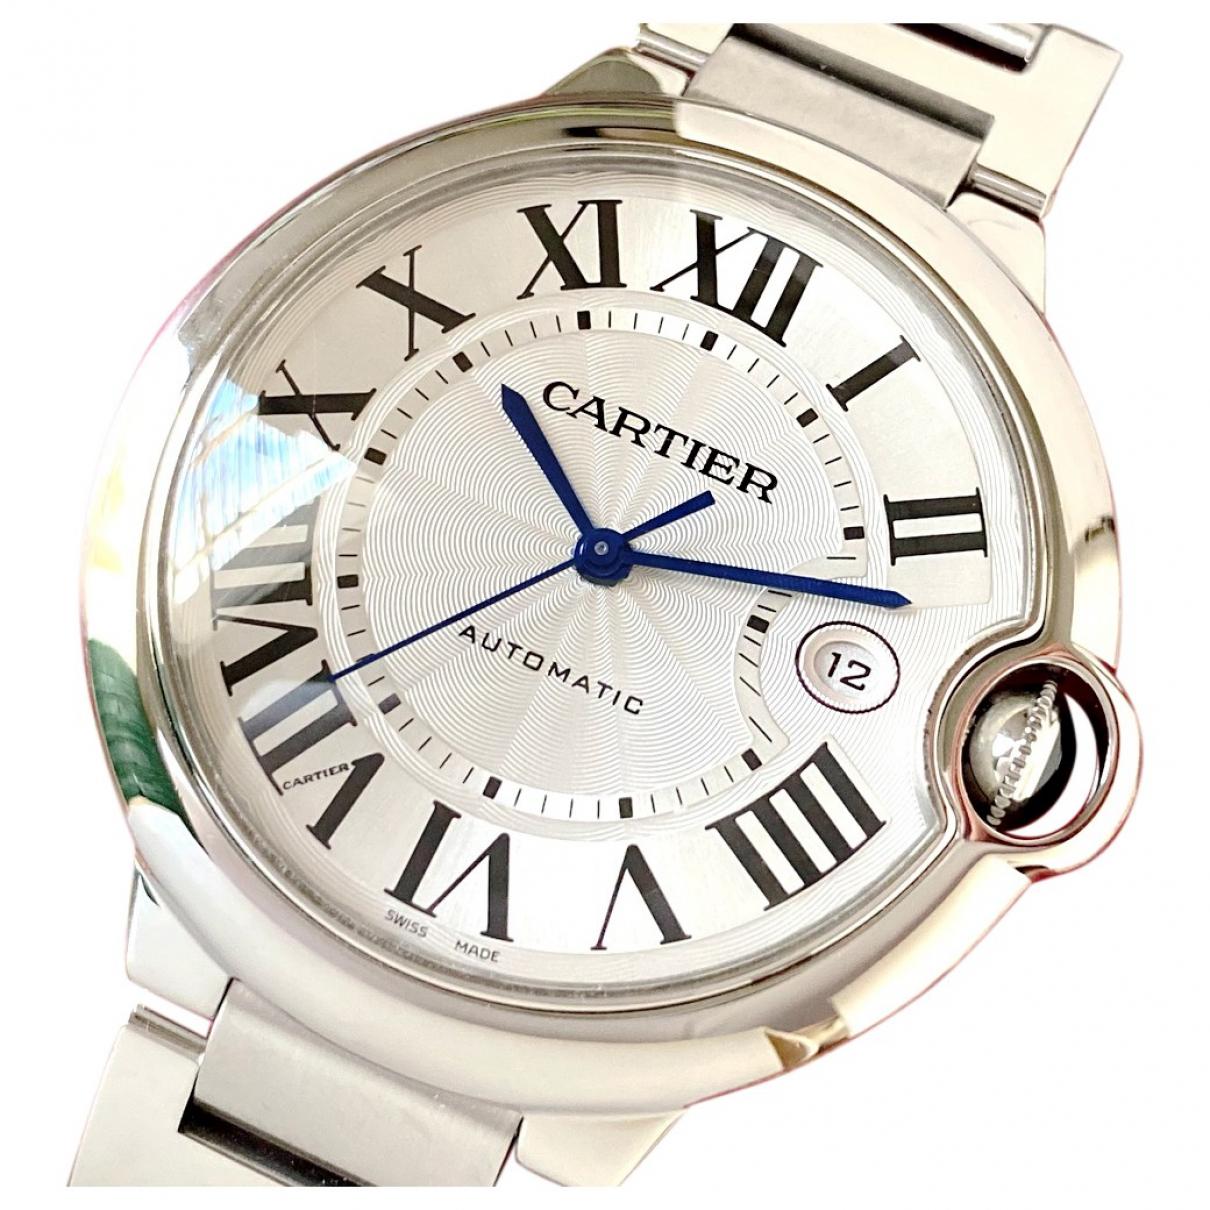 Relojes Ballon bleu Cartier